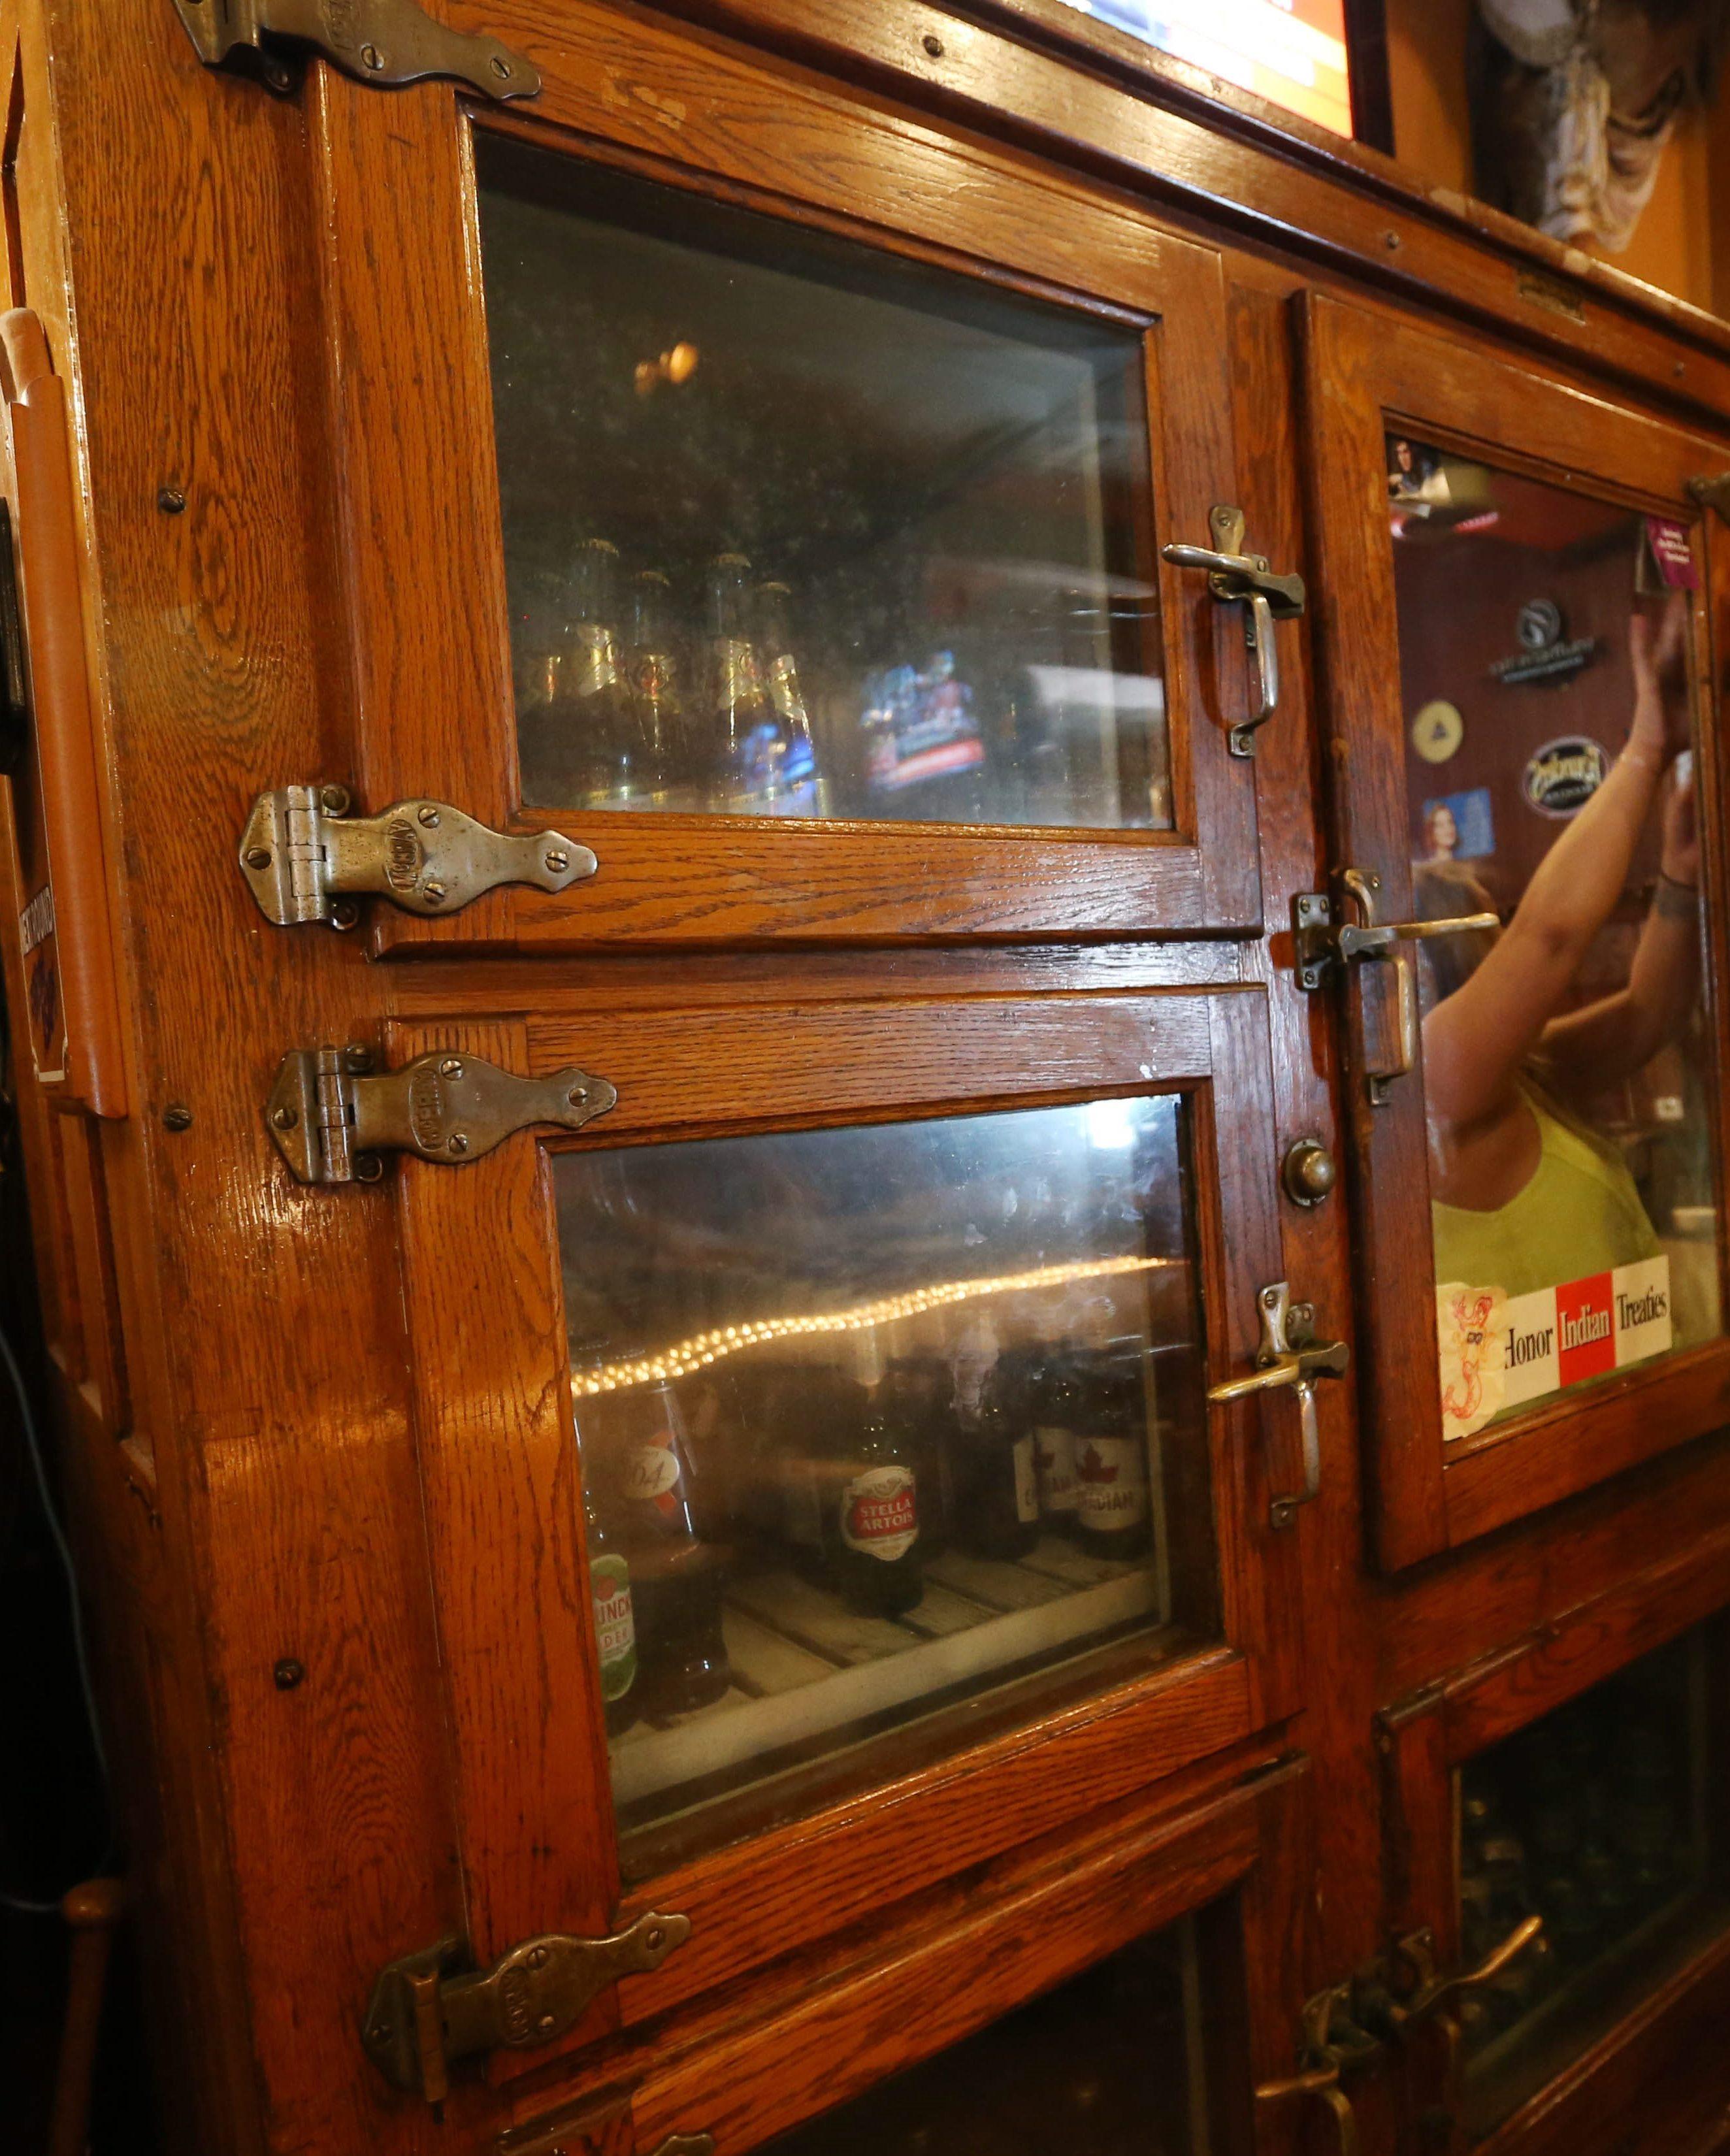 1920s-era cooler at Century Grill. (Sharon Cantillon/Buffalo News)